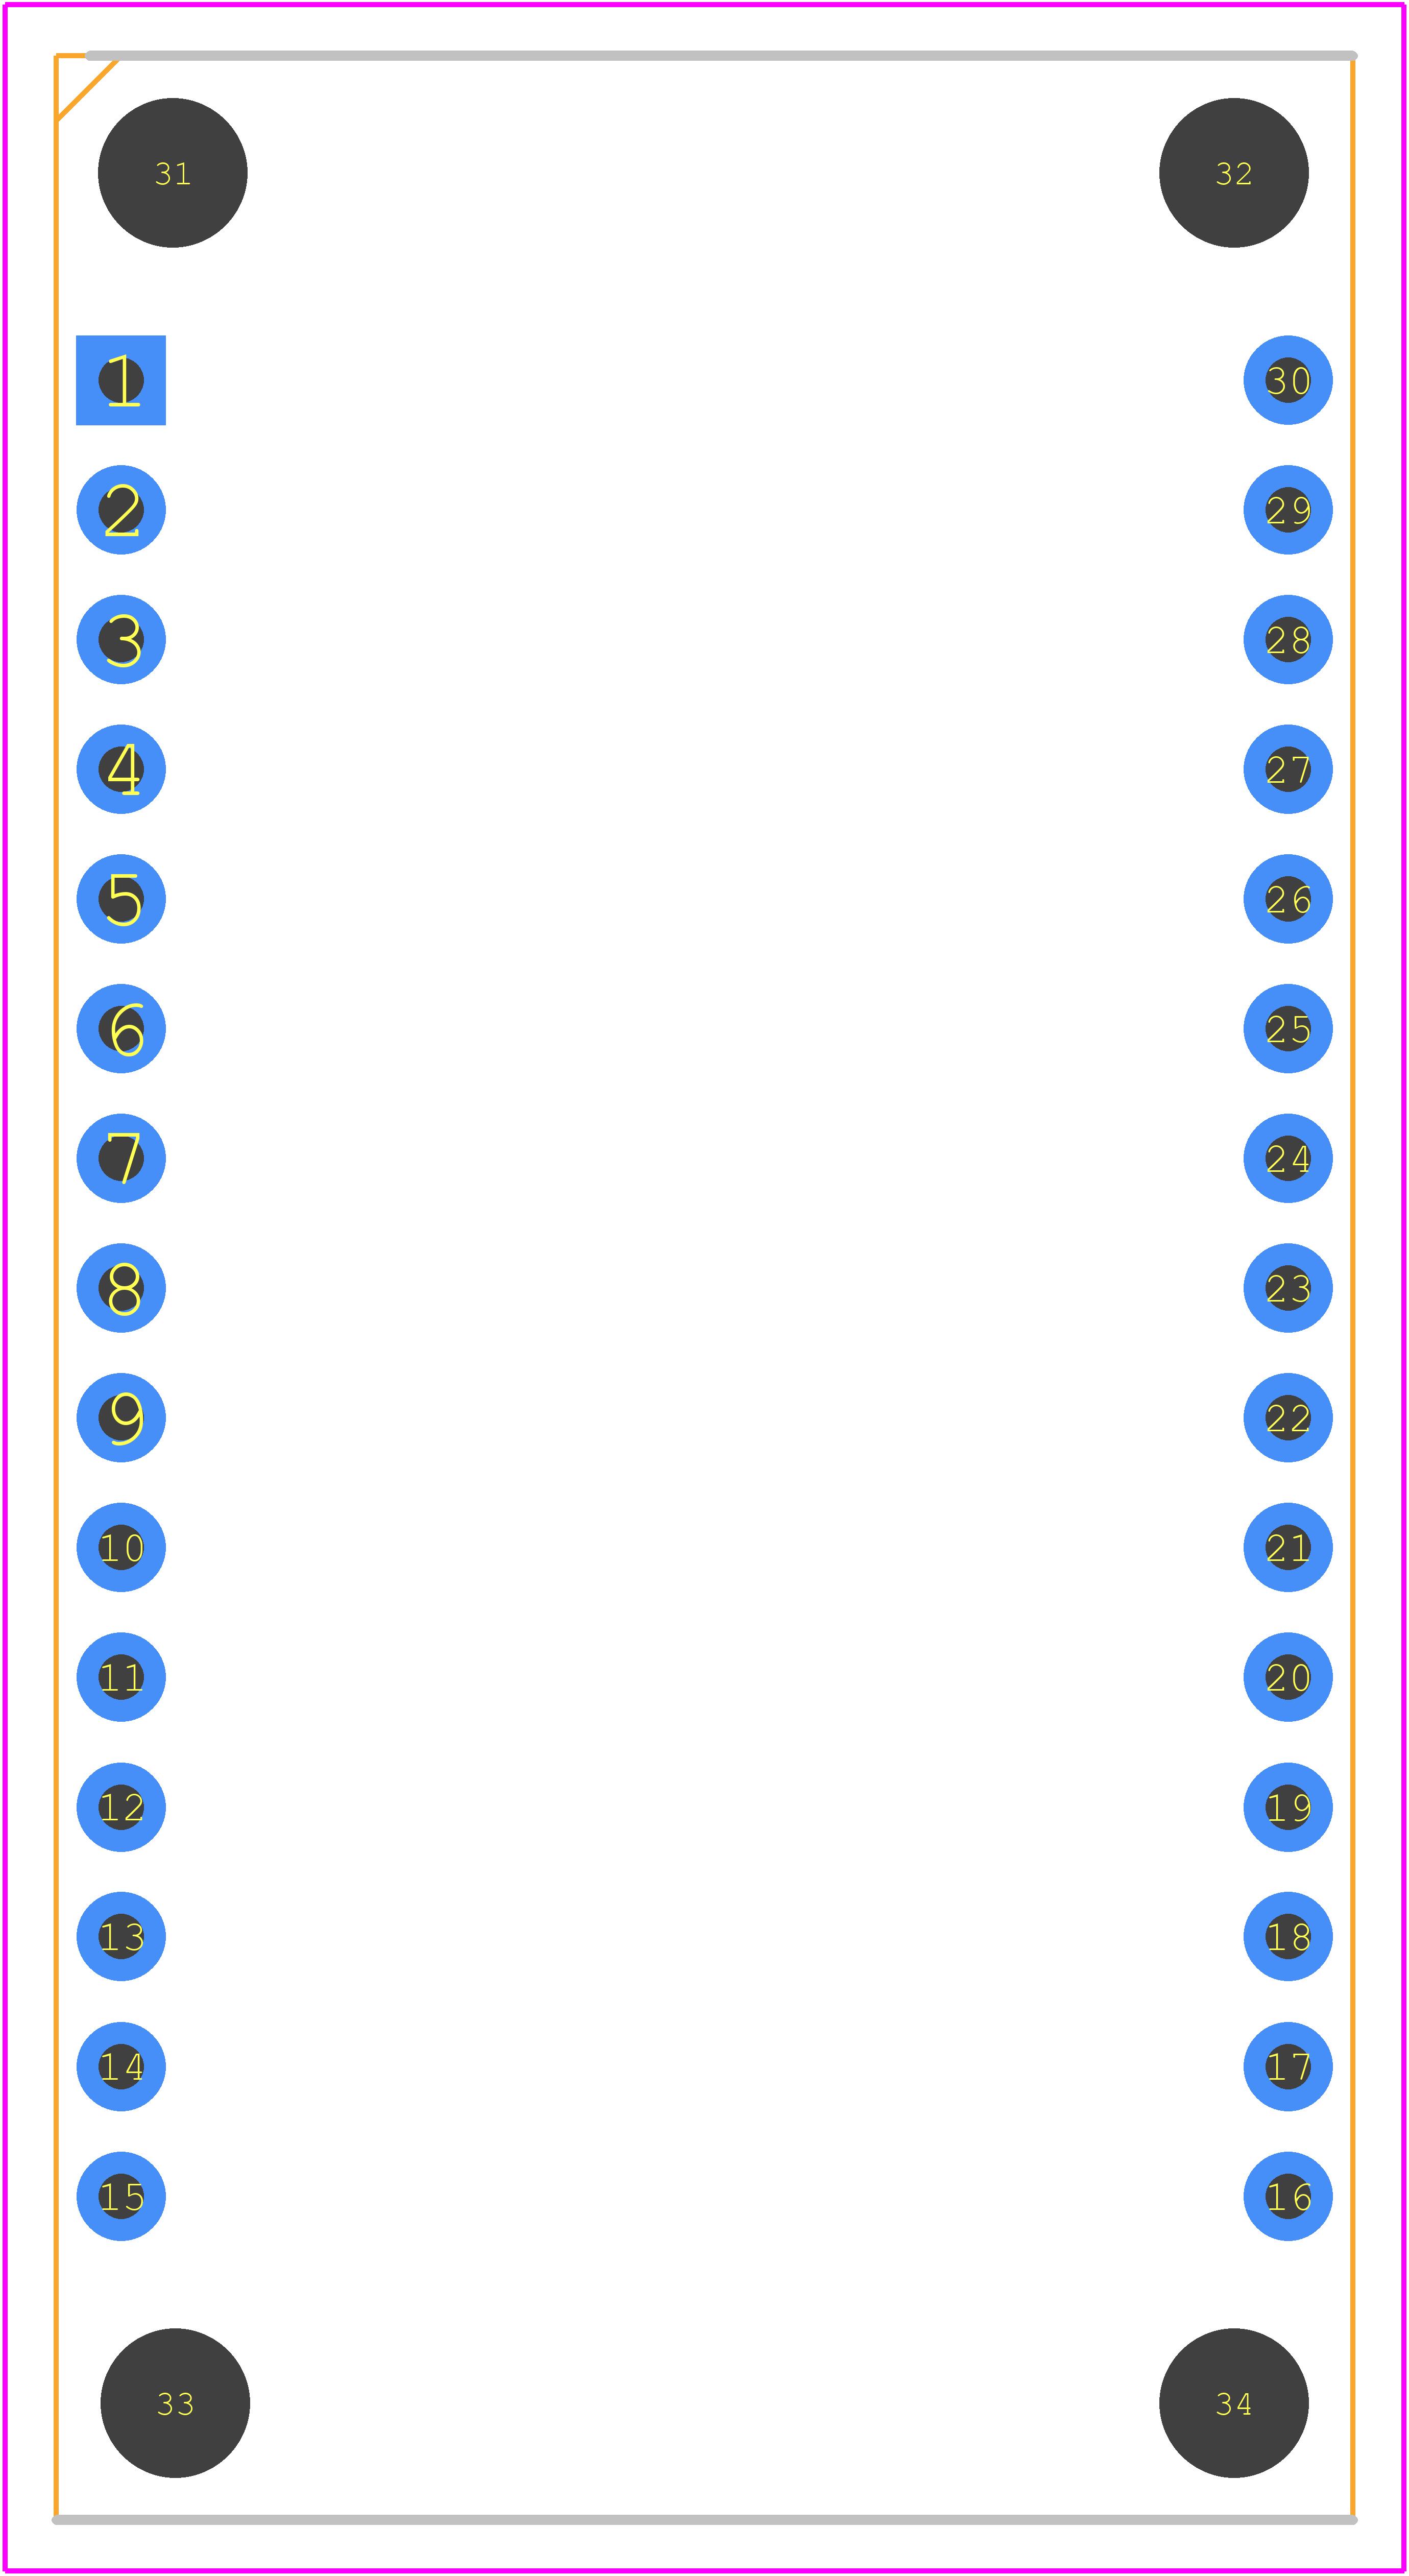 113990105 - Seeed Studio PCB footprint - Dual-In-Line Packages - NodeMCU V1.0